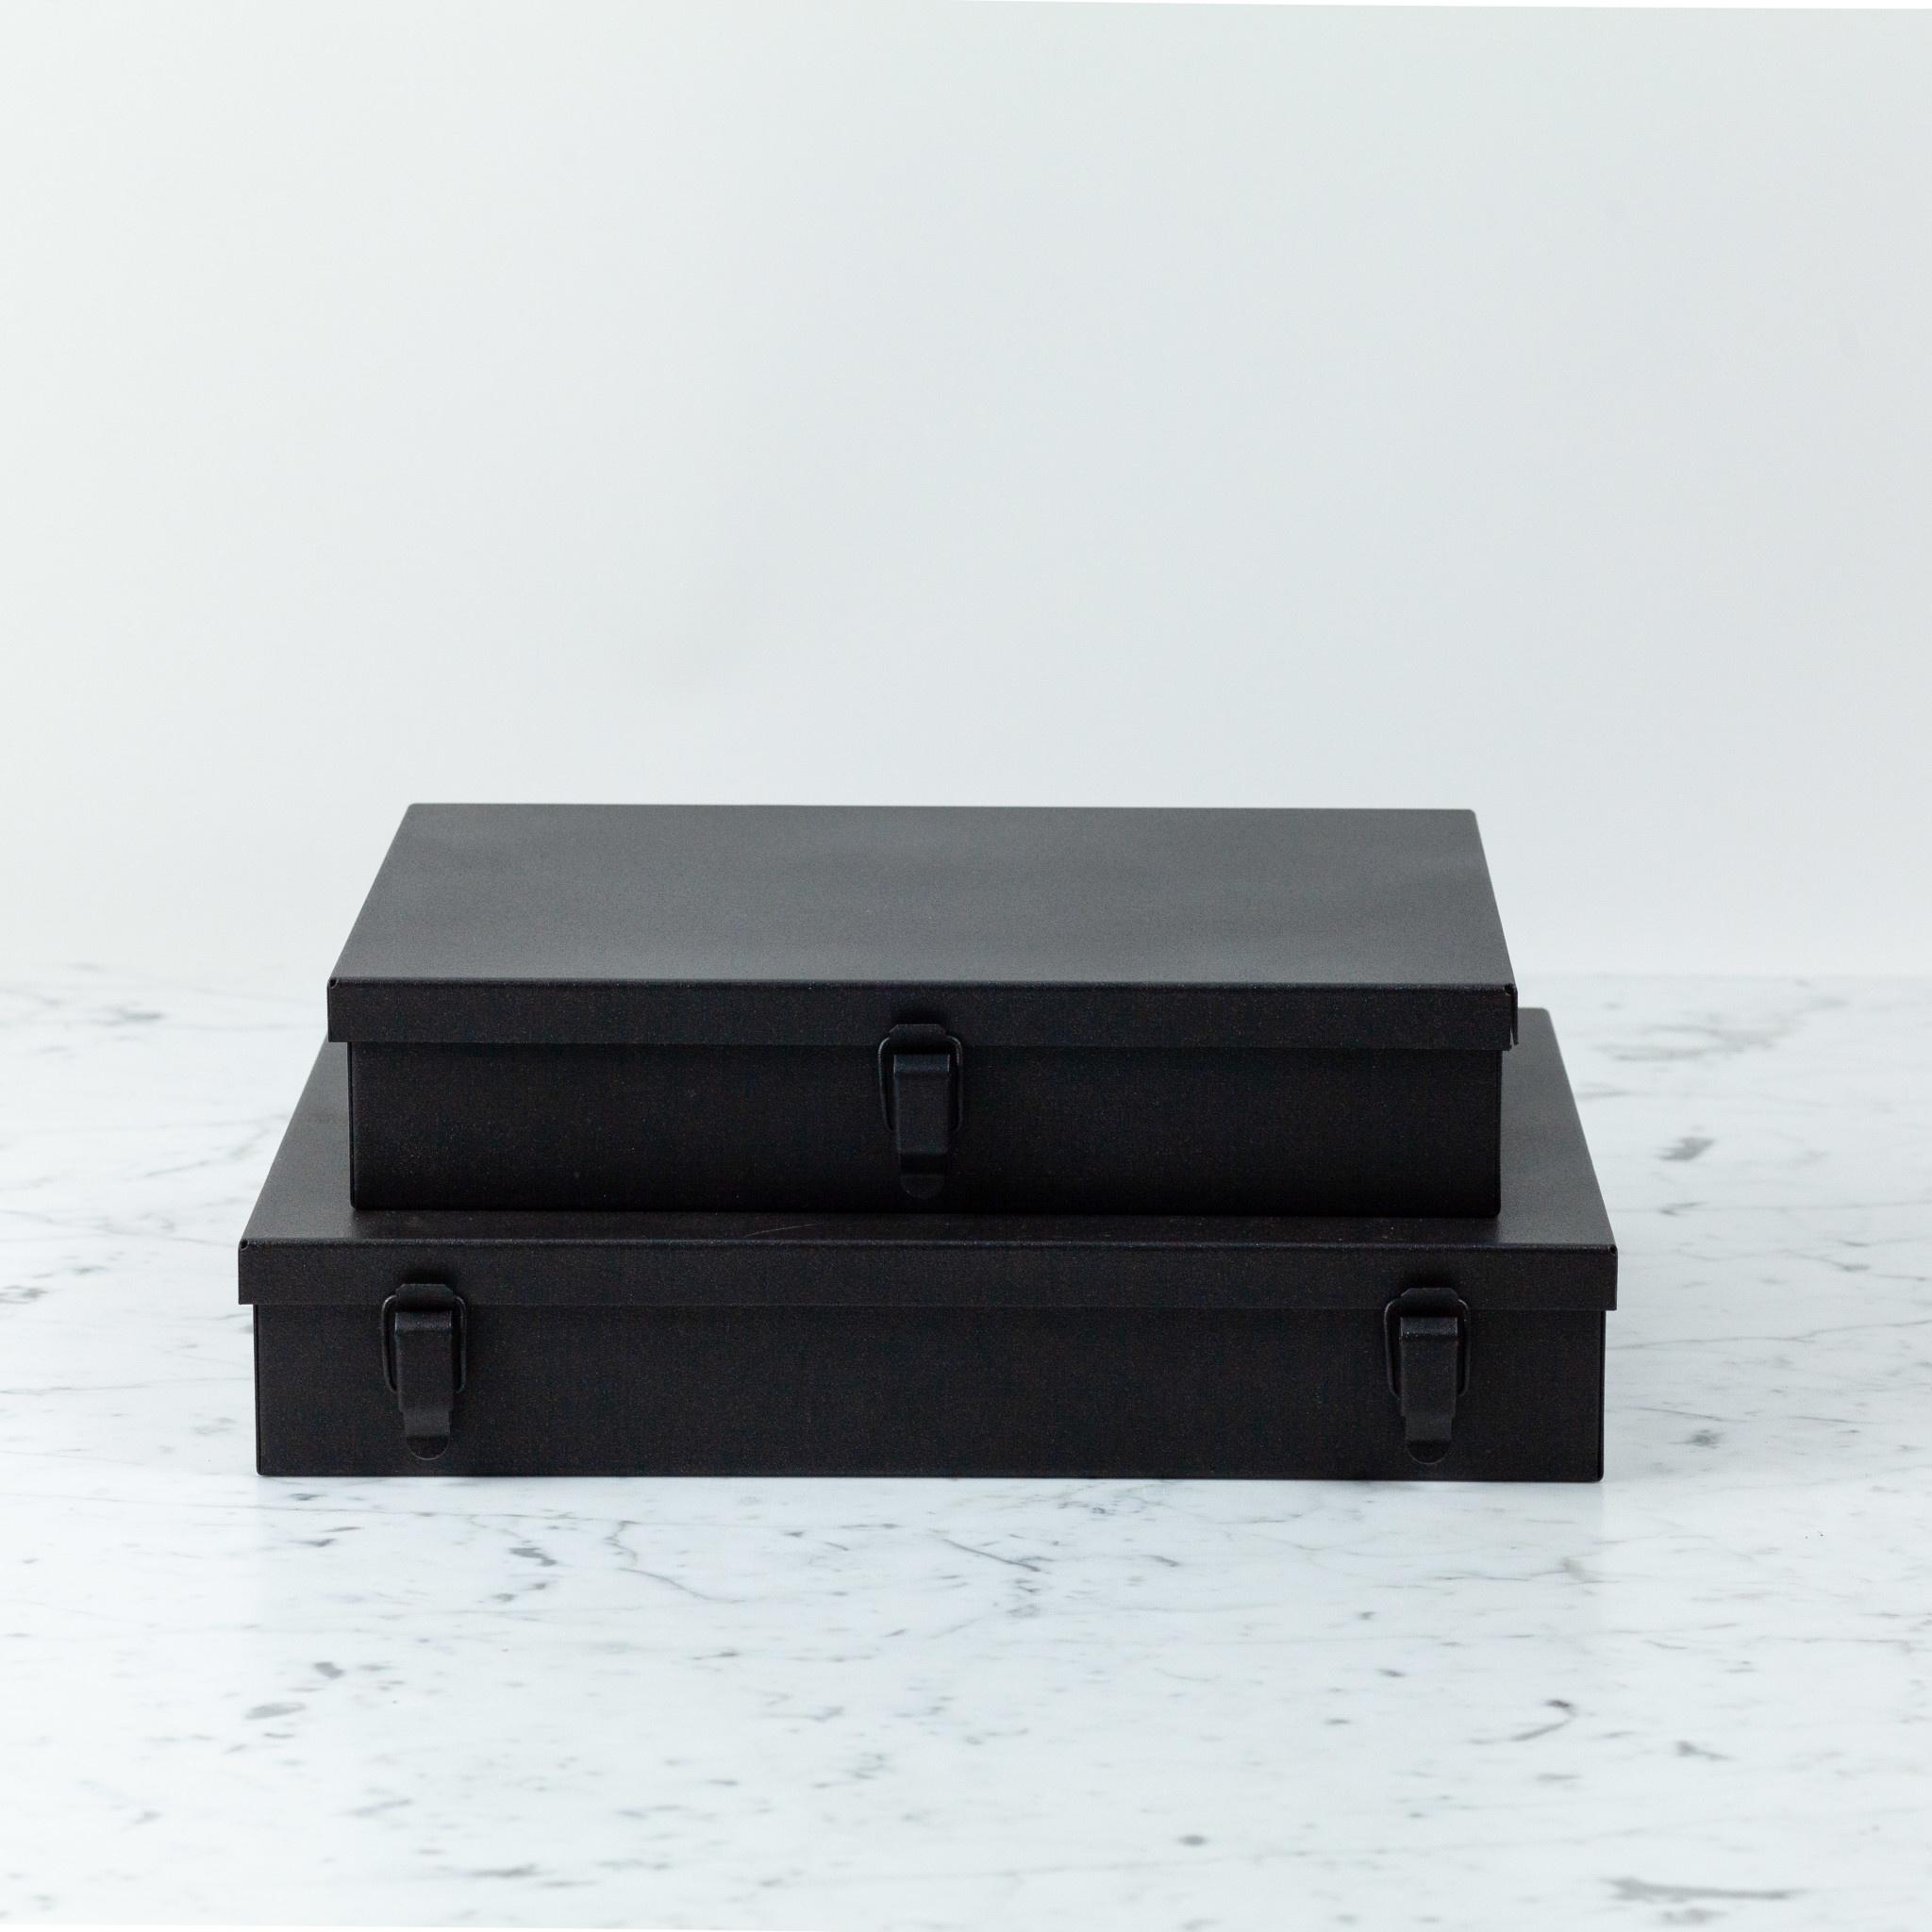 Italian Steel Storage Locker Box - Small - Tarmac Black